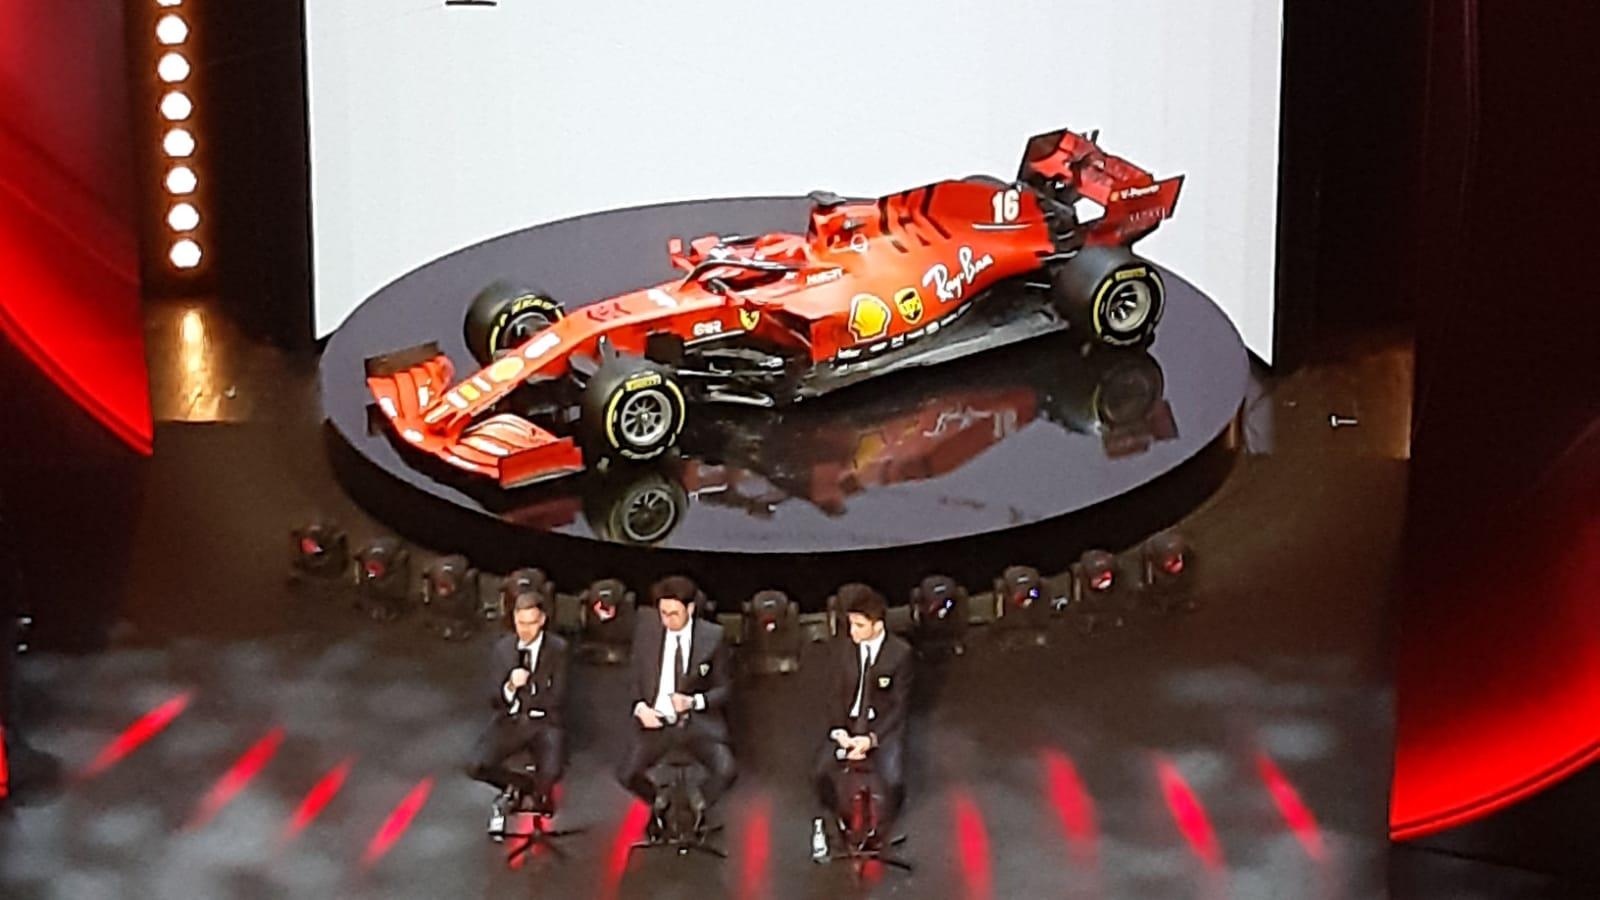 F.1 La nuova Ferrari SF1000 fra tradizione e innovazione alla caccia del mondiale